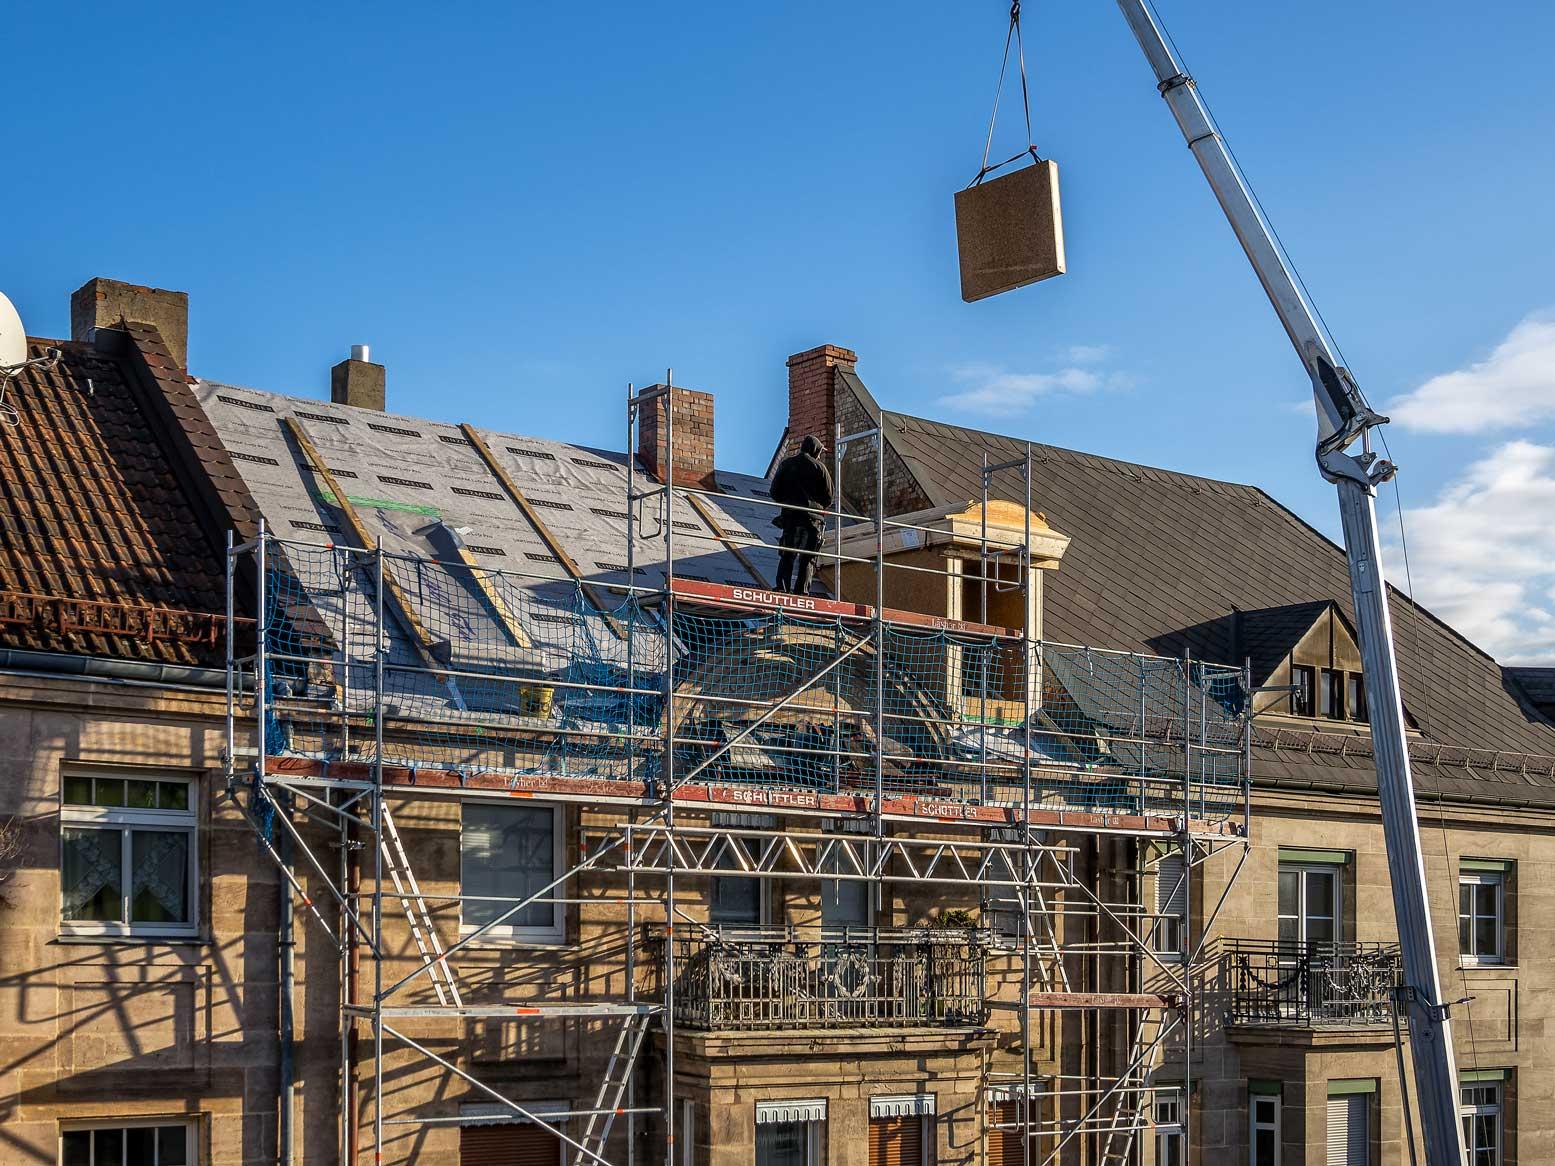 Eine wärmegedämmte und nach Maß vorgefertigte Dachgaube wird geliefert und mit einem Kran an das Dach angebaut.